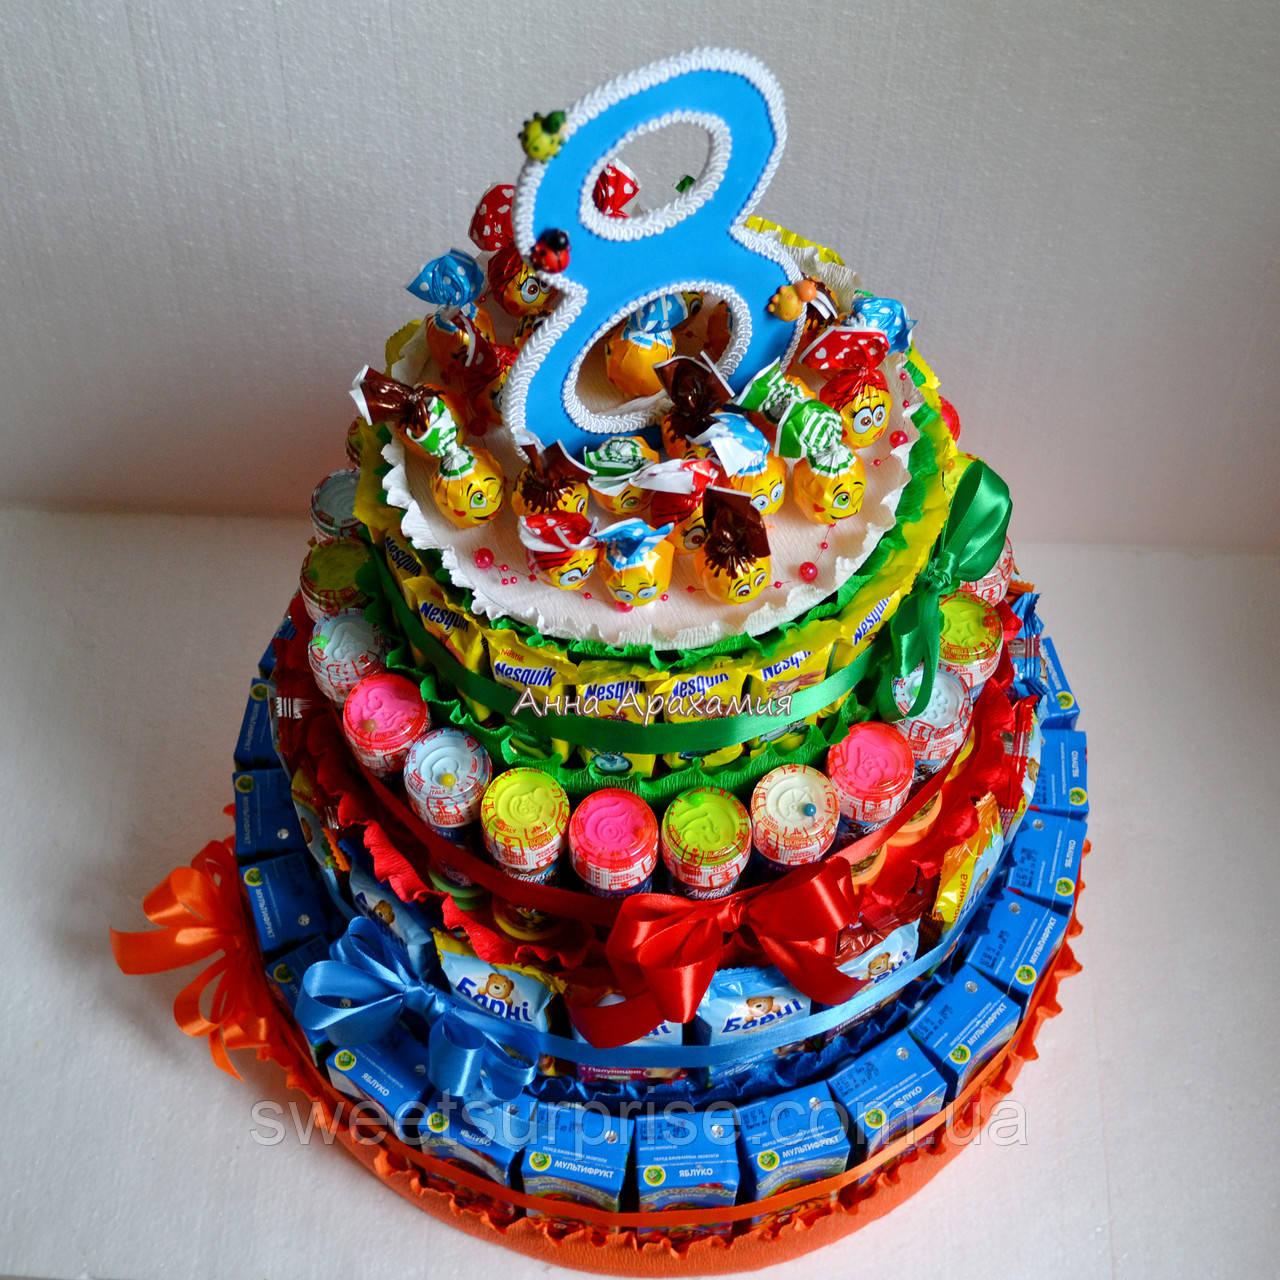 """Торт в детский сад из сока и конфет """"Барни"""" (для мальчика)"""